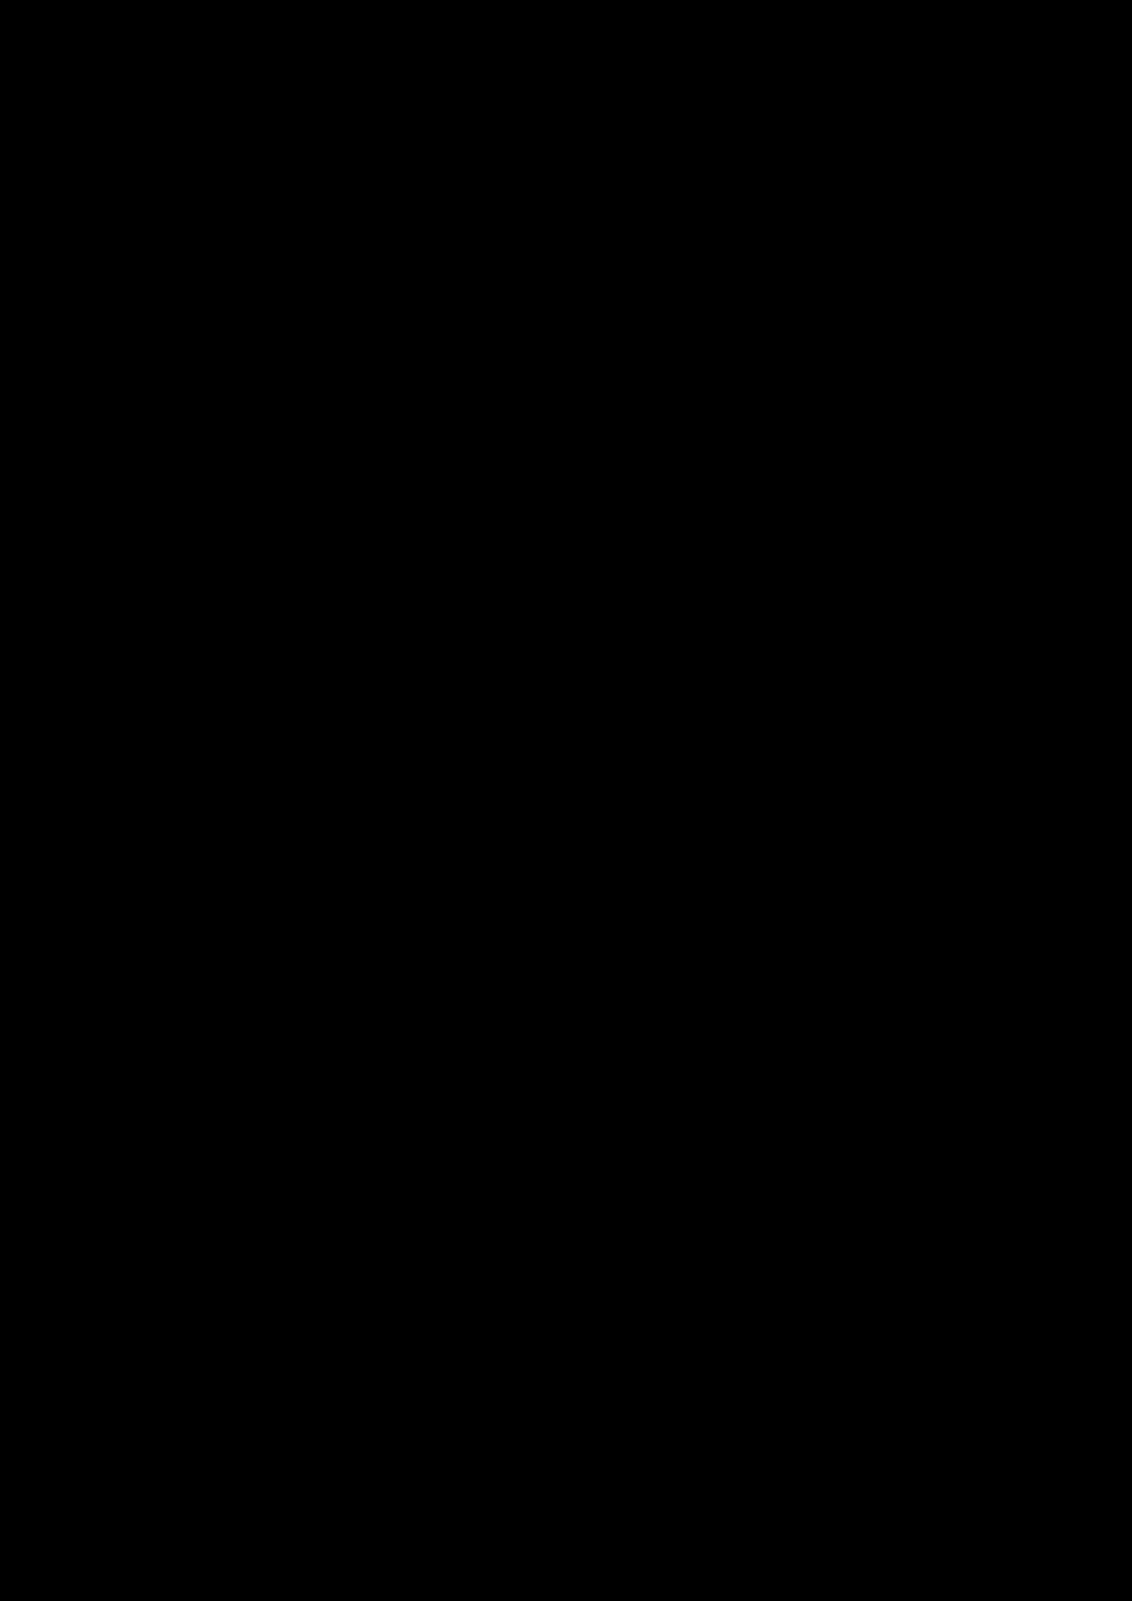 Zagadka volshebnoy stranyi slide, Image 47